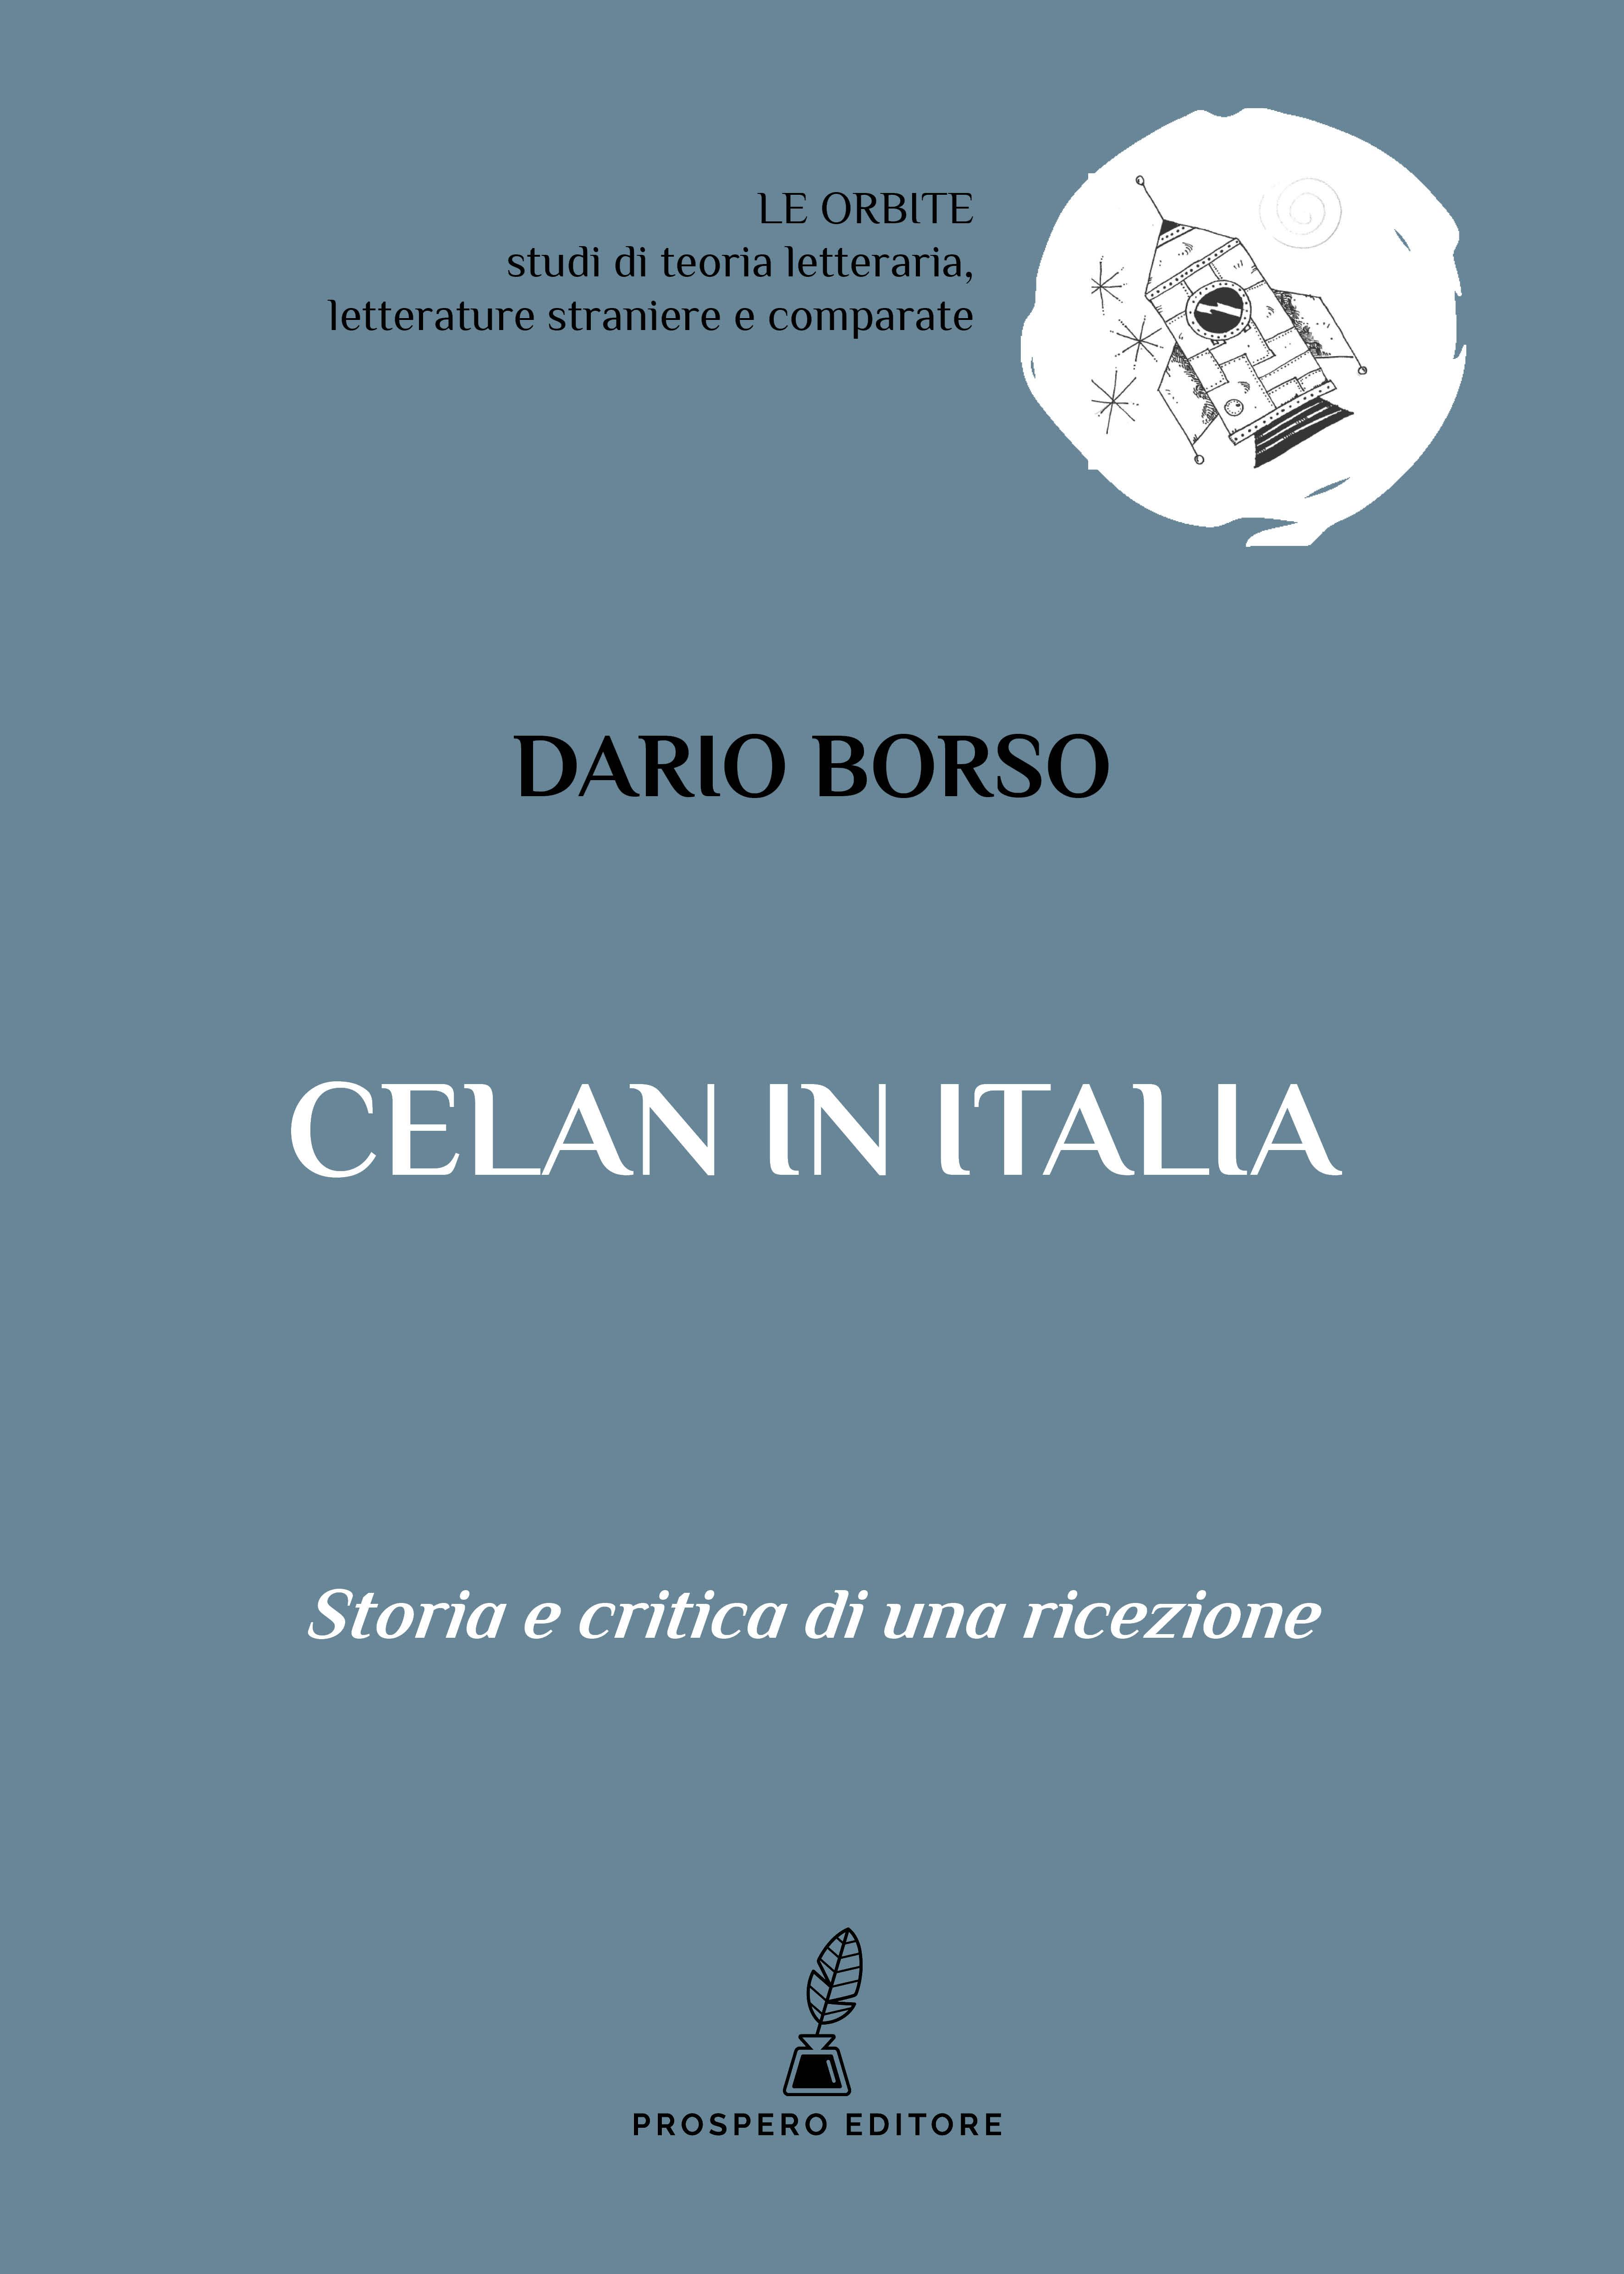 Celan in Italia-image-1%>